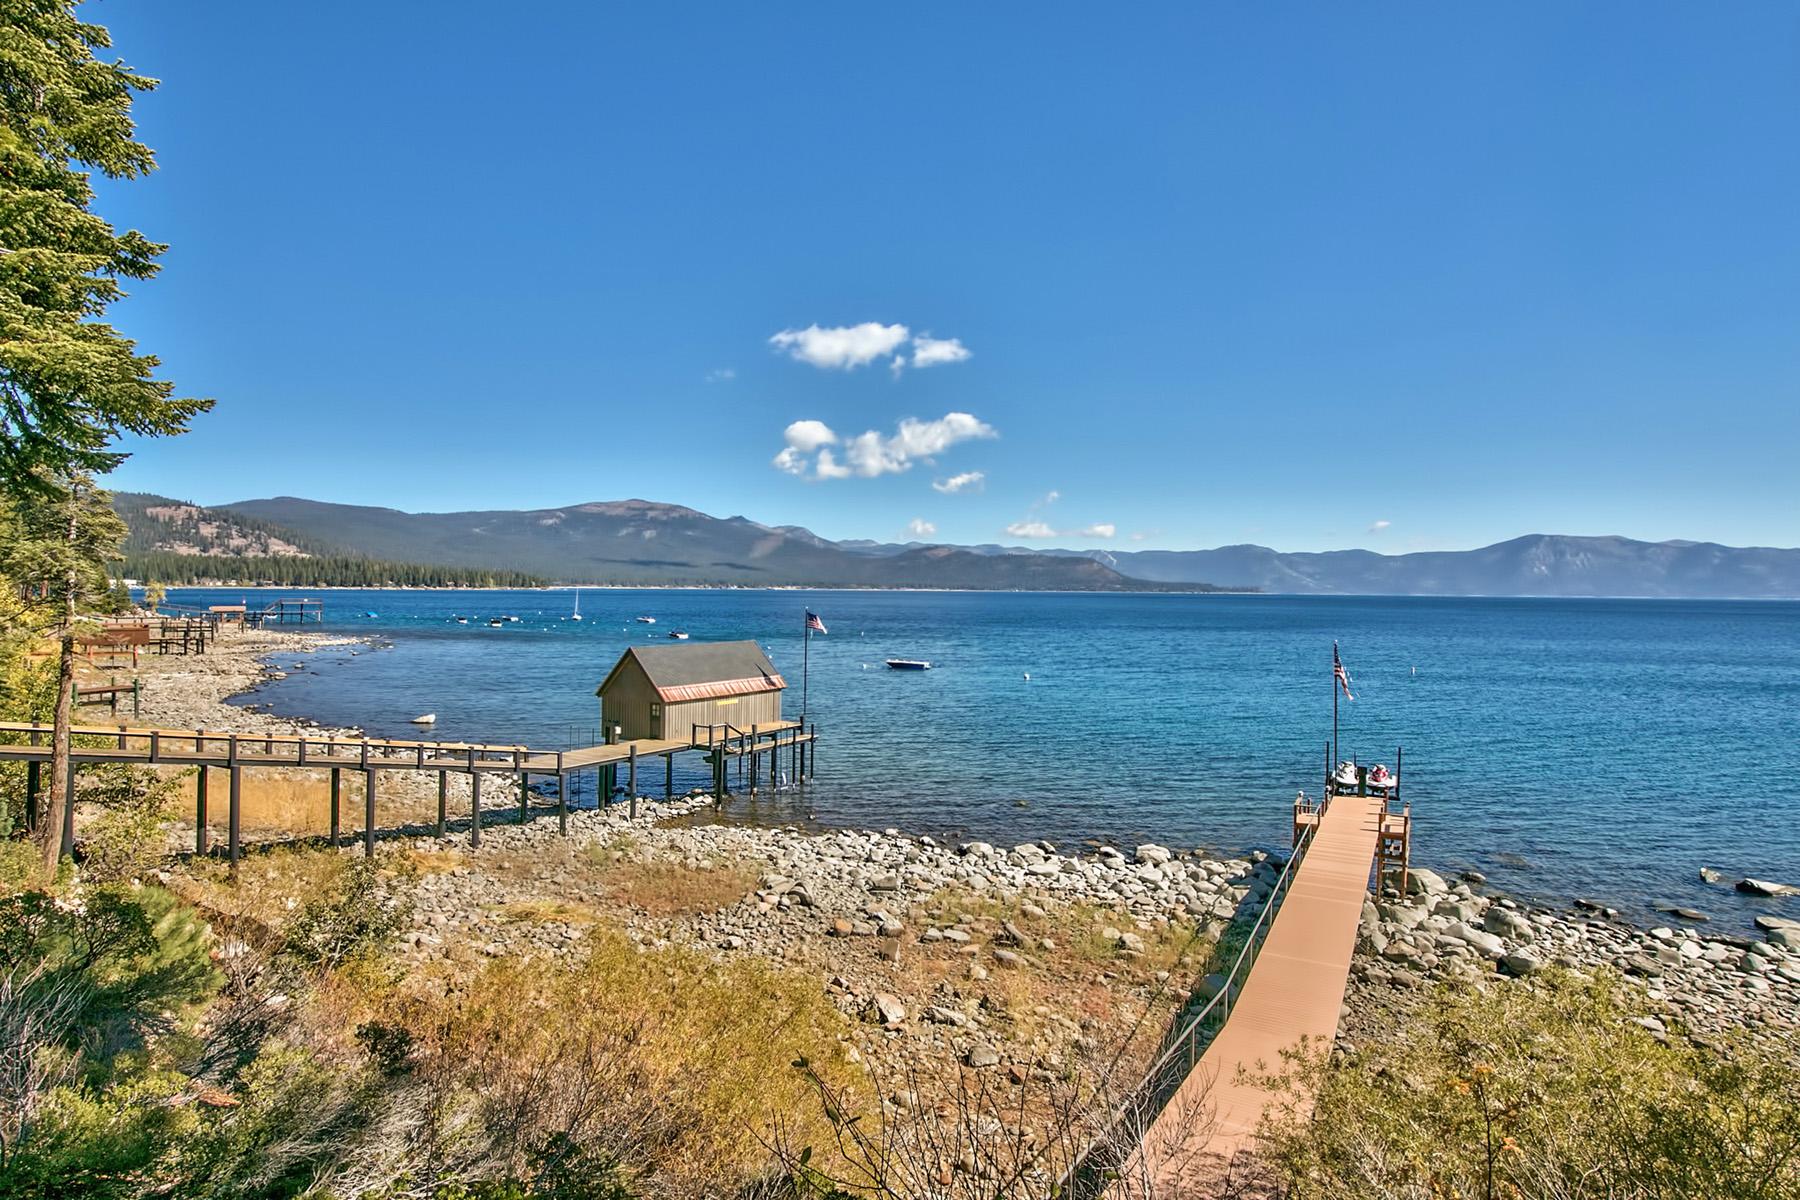 土地 为 销售 在 Coveted Lakefront Lot with Private Pier and Boat Lift 4250 North Lake Blvd Carnelian Bay, 加利福尼亚州 96140 美国